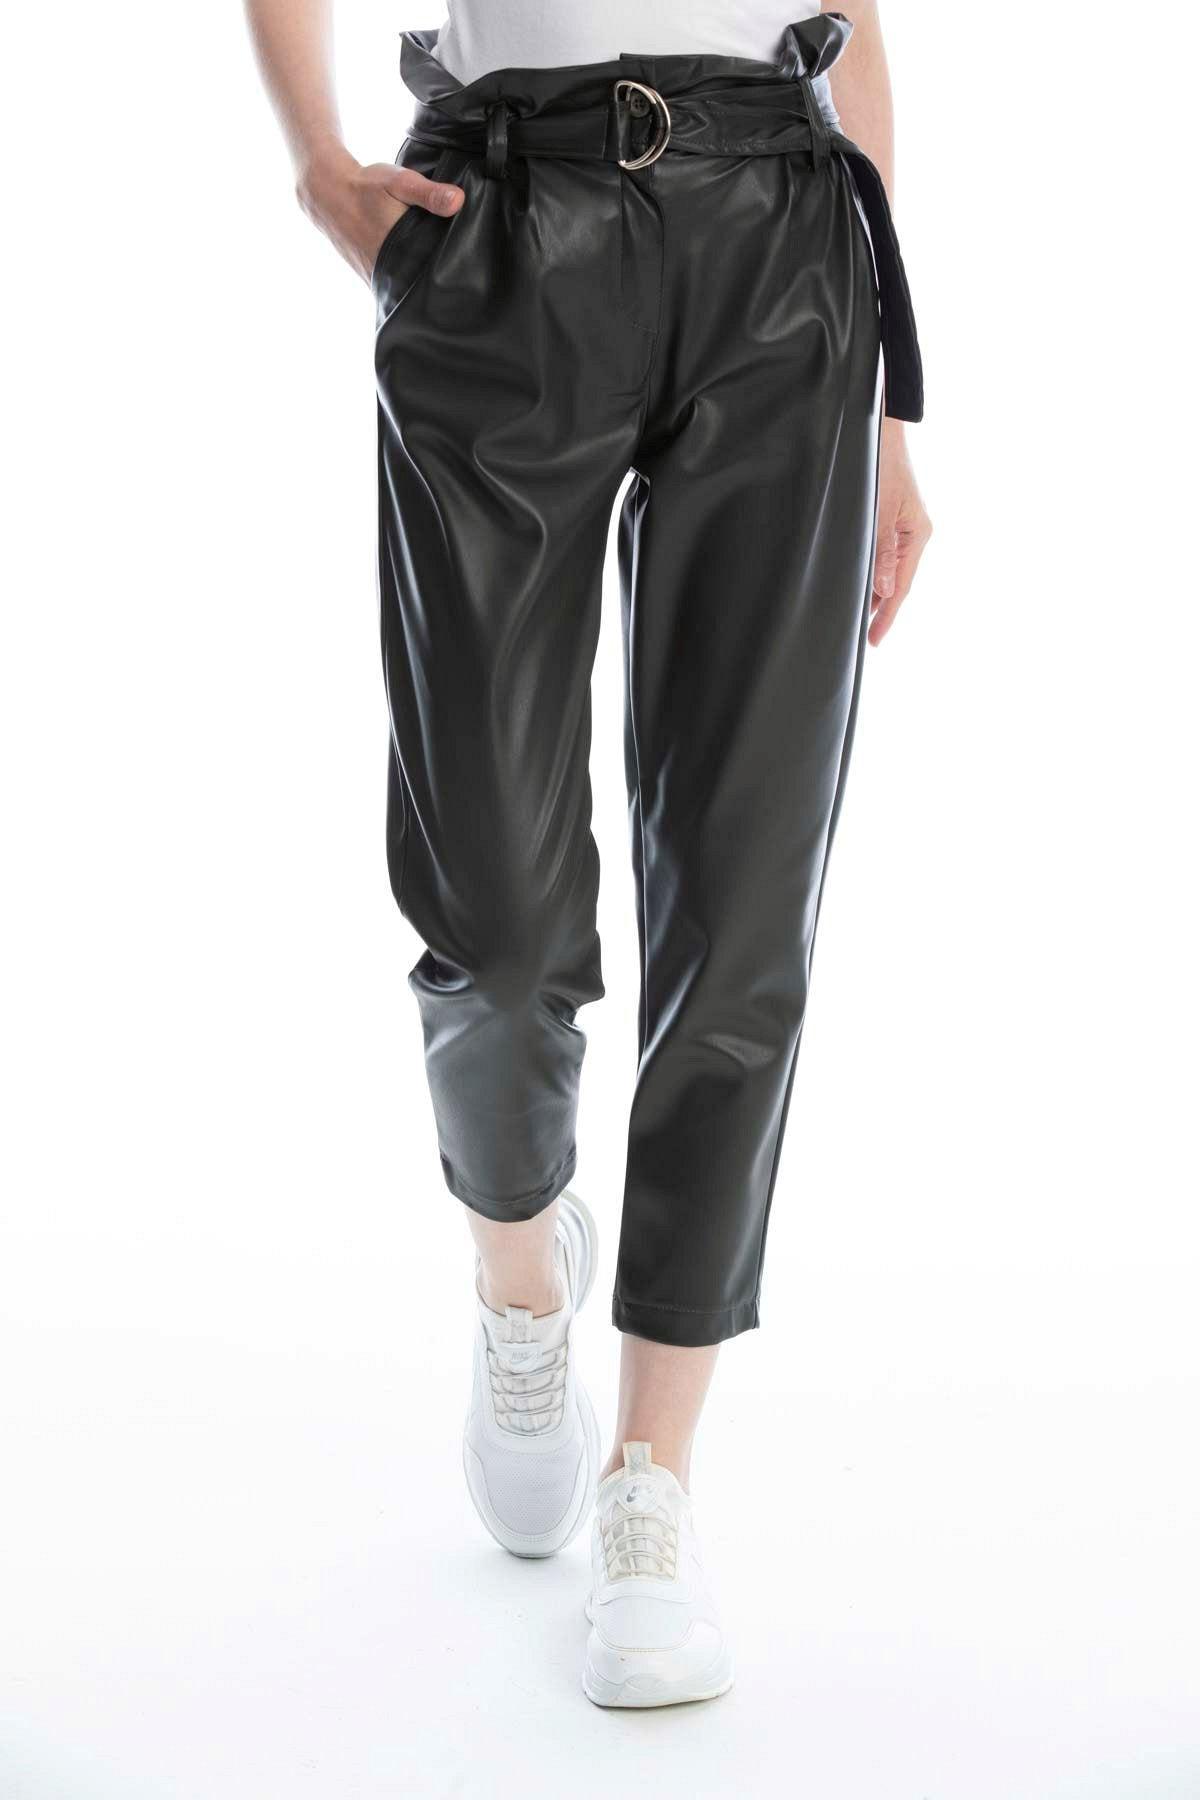 Makferlan Kadın Haki Beli Tokalı Kemerli Fırfırlı Yanlar Çift Cepli Suni Deri Pantolon 1